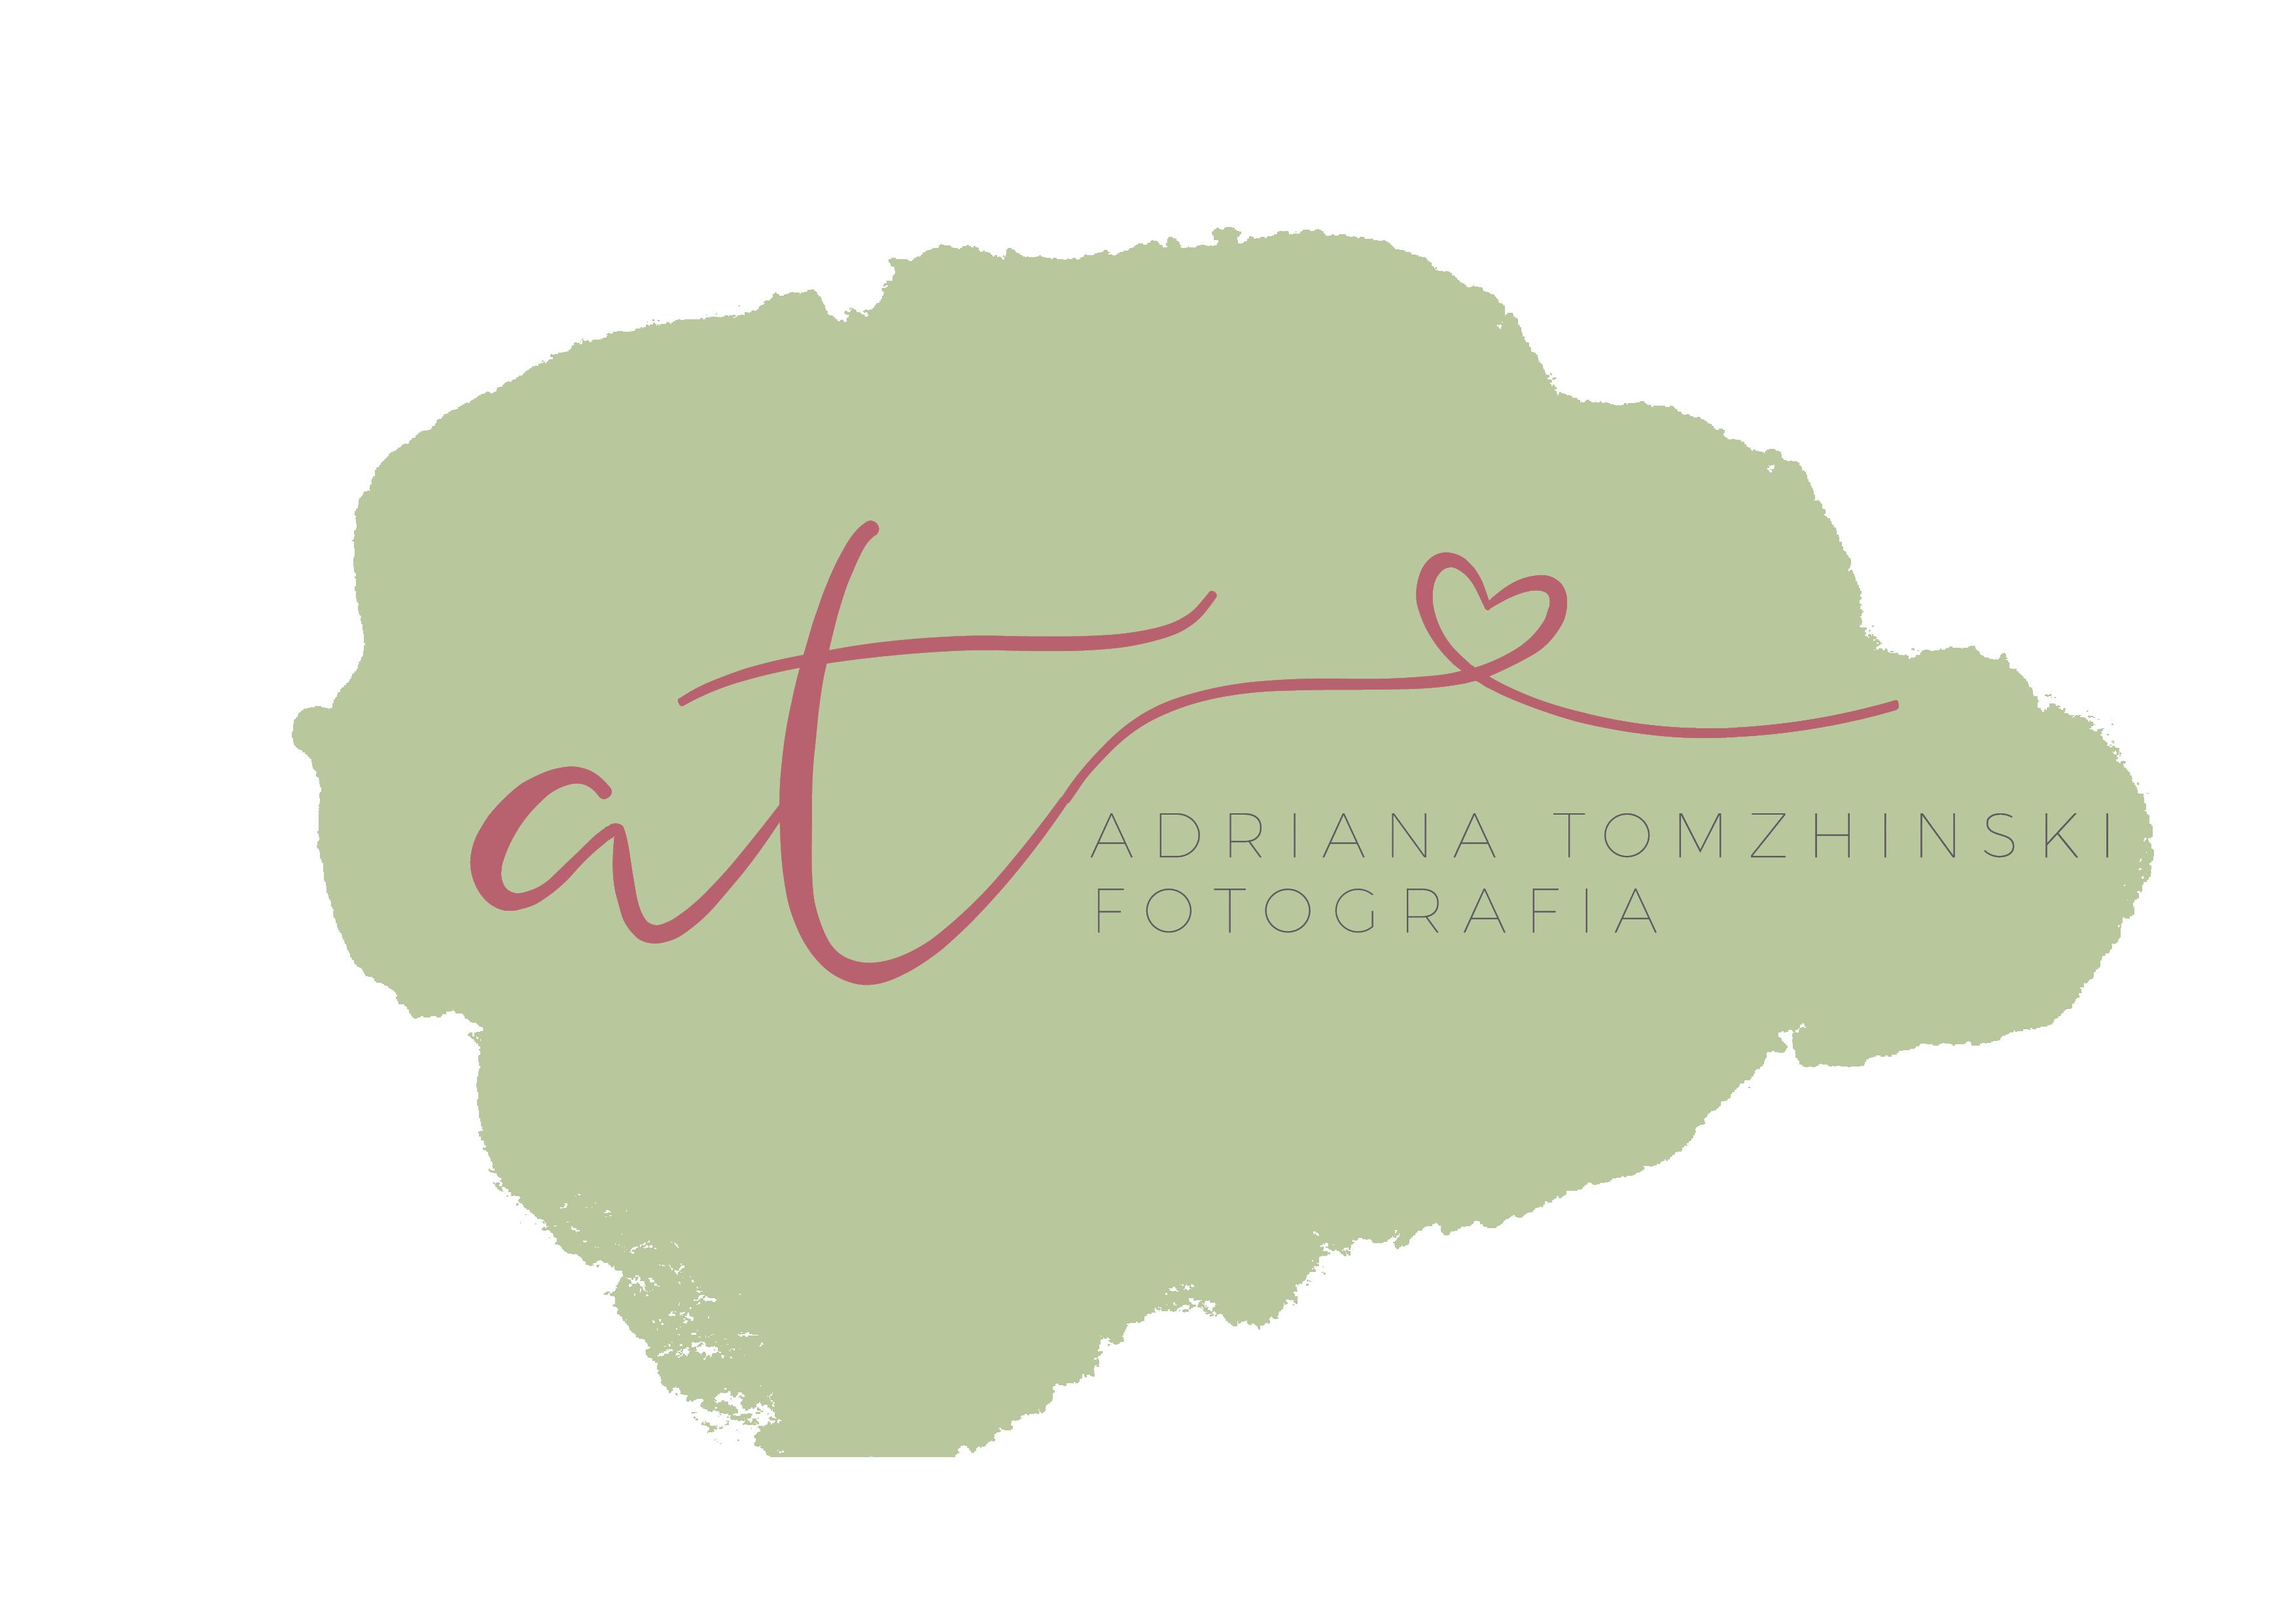 Contate Adriana Tomzhinski Fotografia Infantil e Família | Rio de Janeiro - RJ